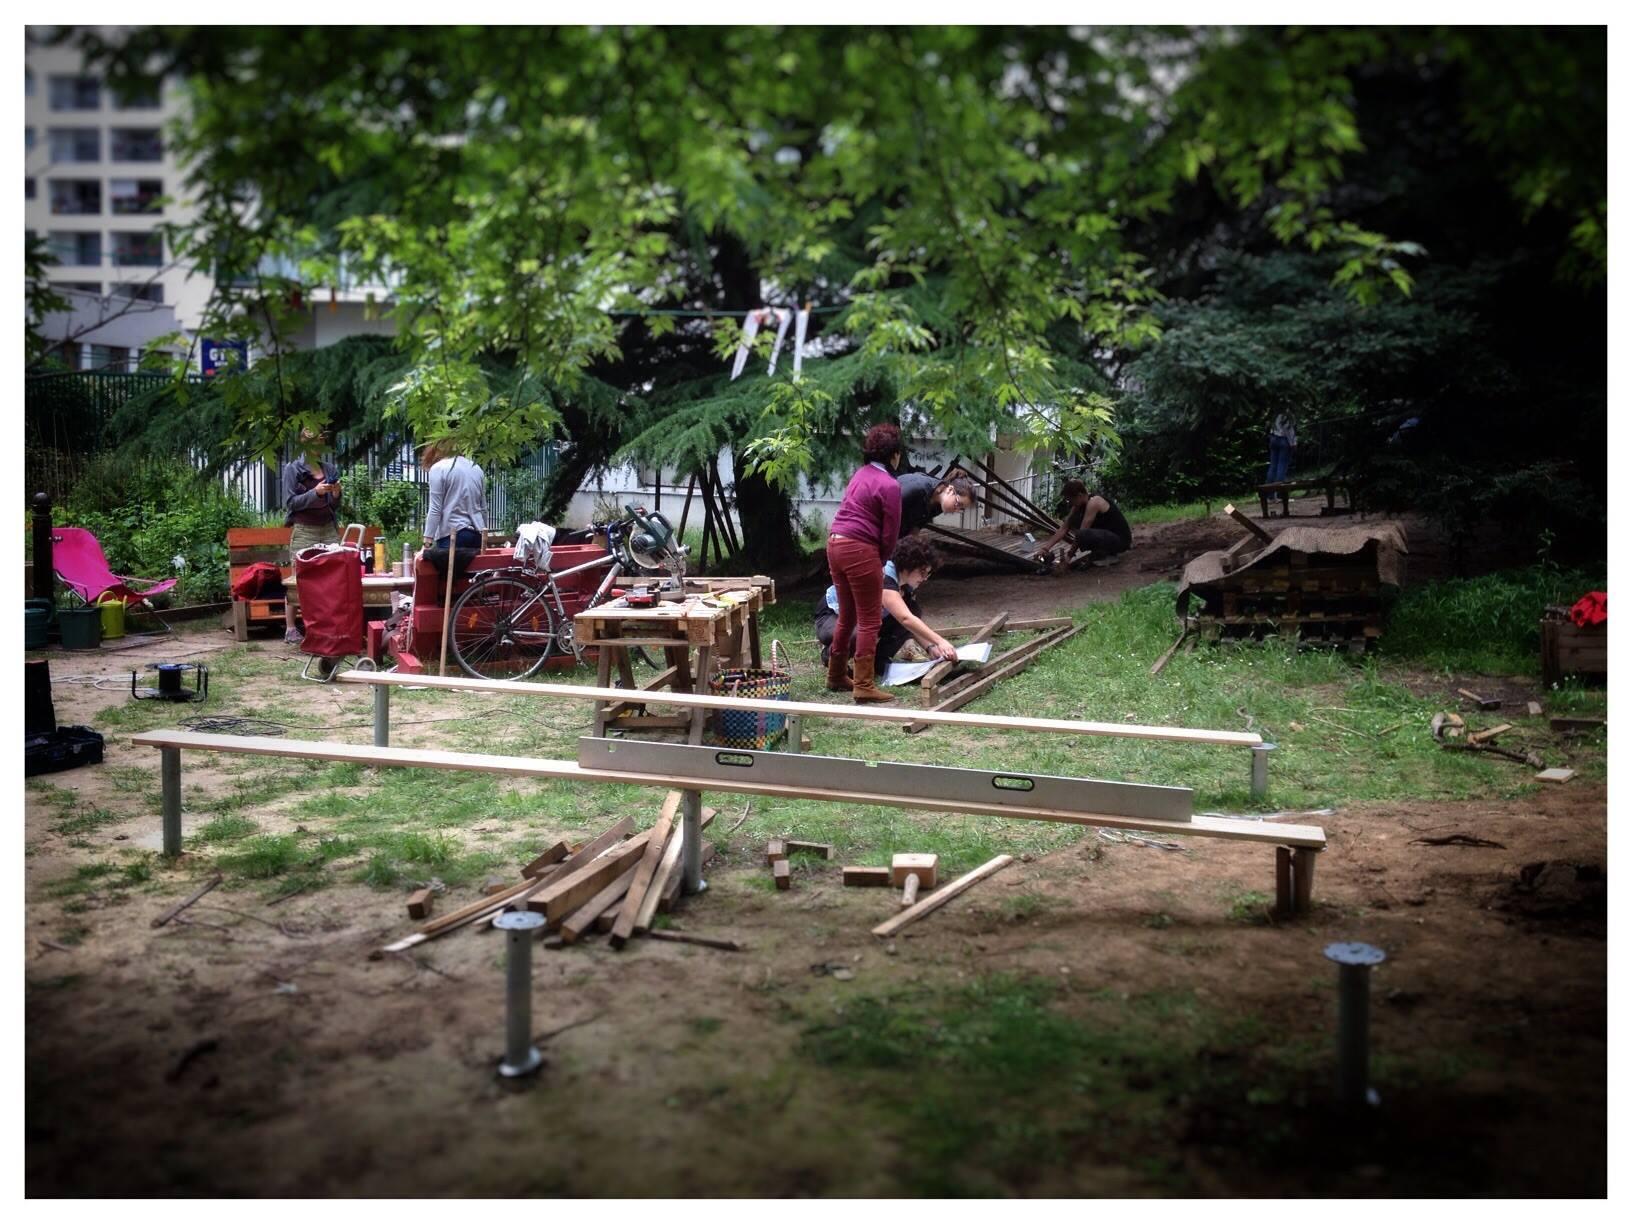 YA+K - yaplusk - Baleine Verte - chantier participatif à Paris 12ème (6)